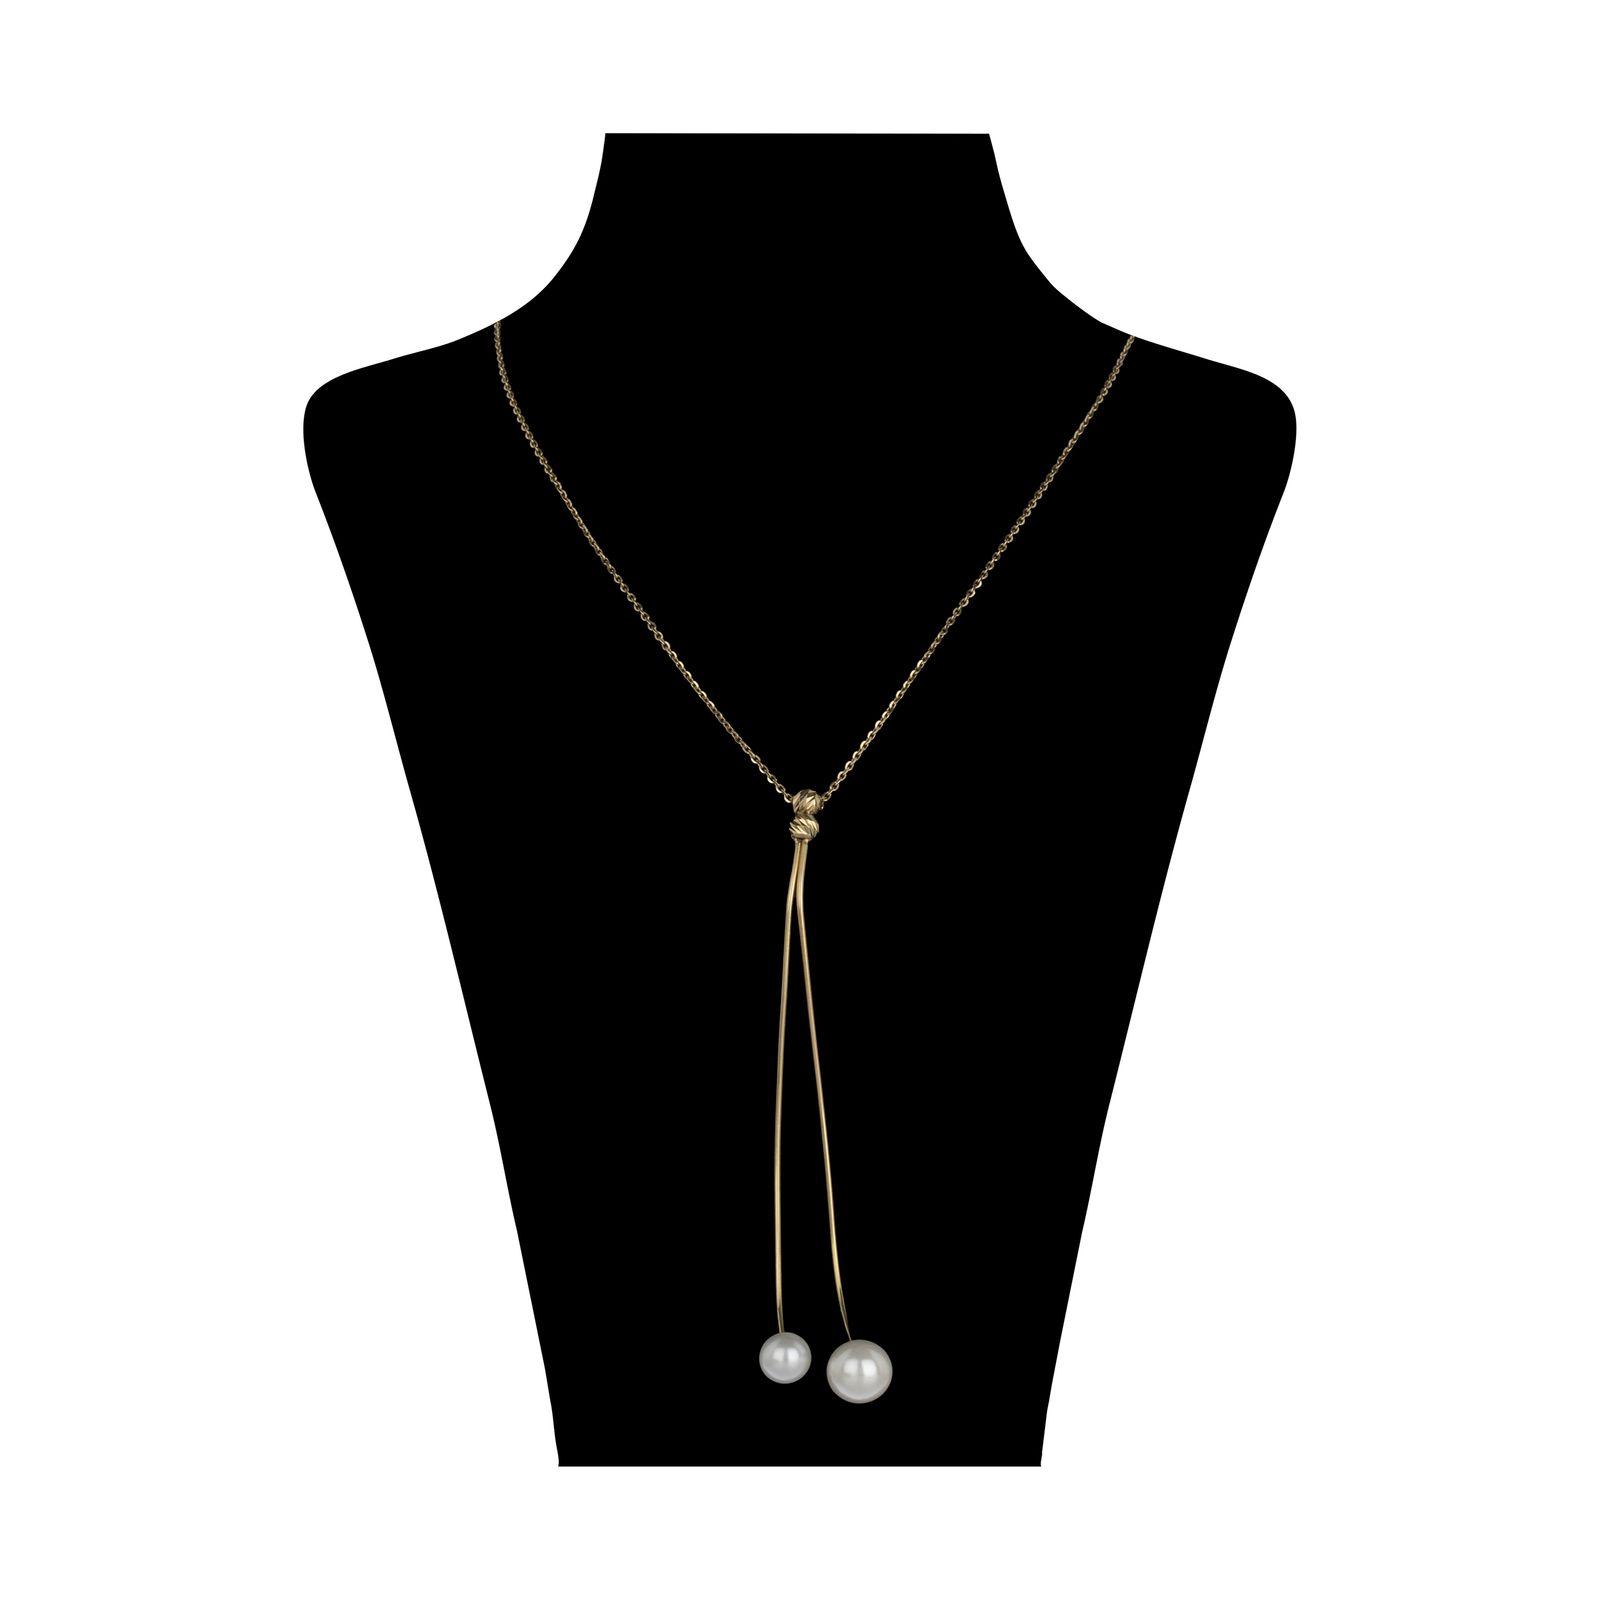 گردنبند طلا 18 عیار زنانه سیودو مدل 145582 -  - 2